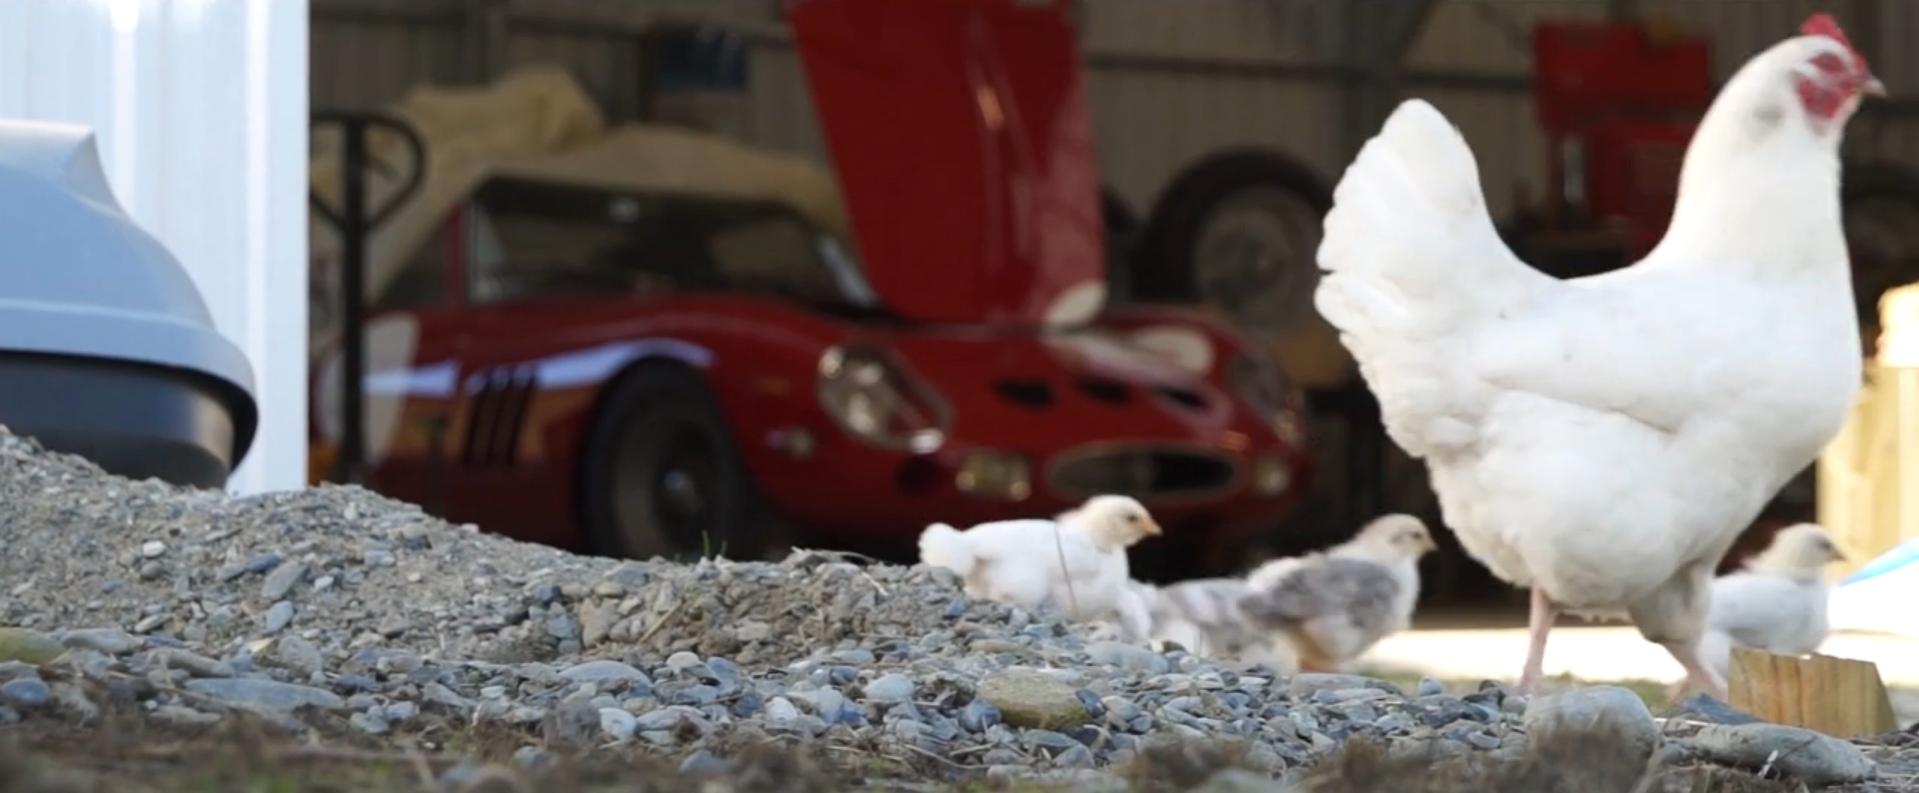 Ferrari 250 GTO replica 002